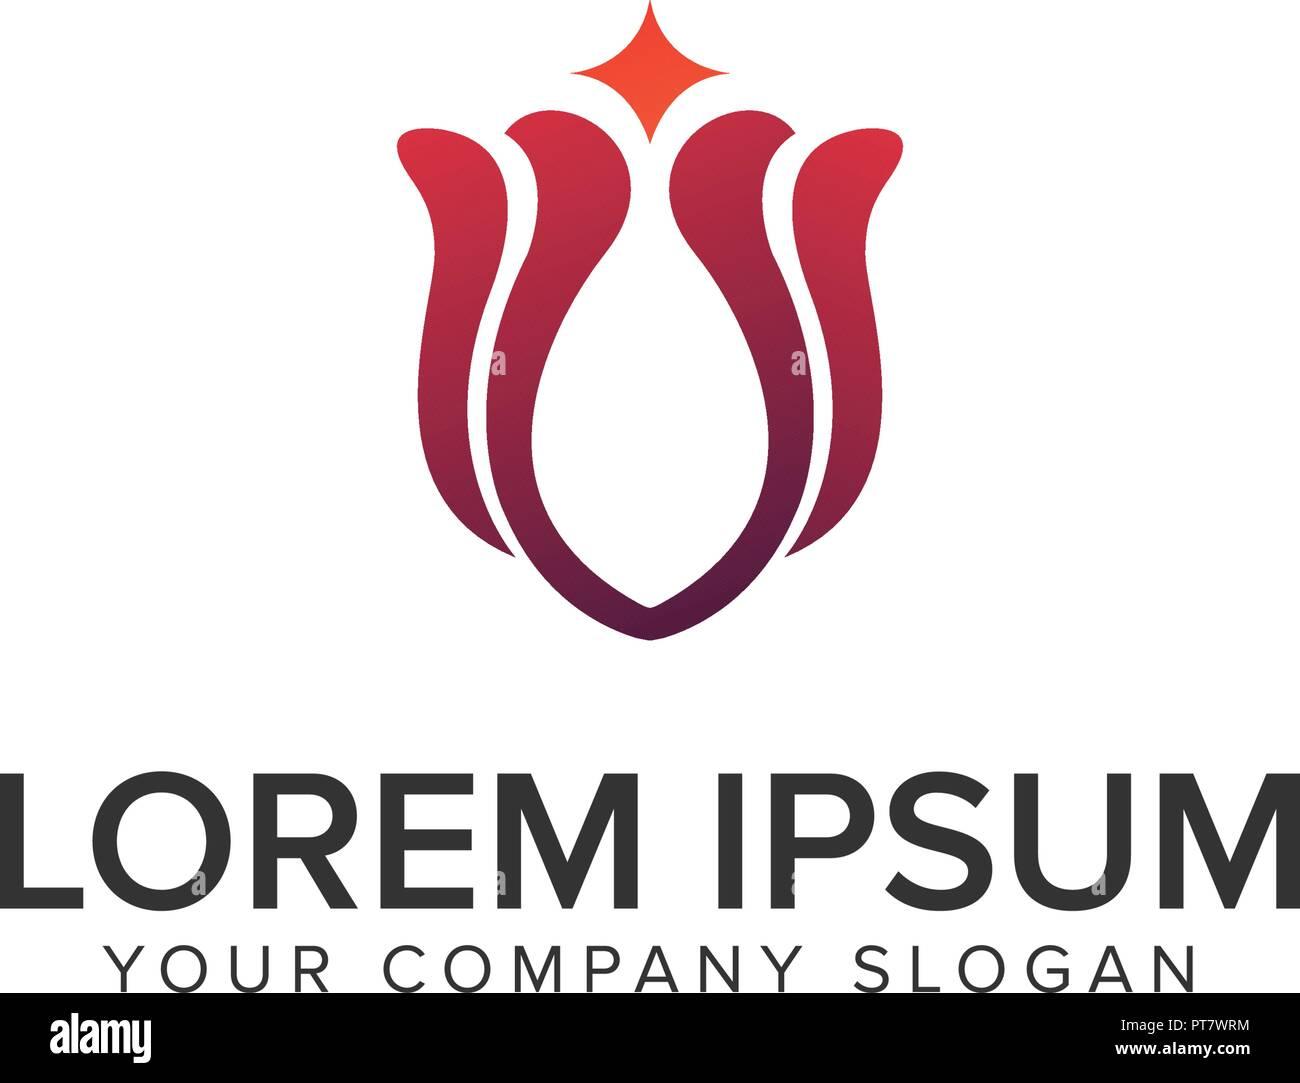 abstract lily logo design concept template stock vector art